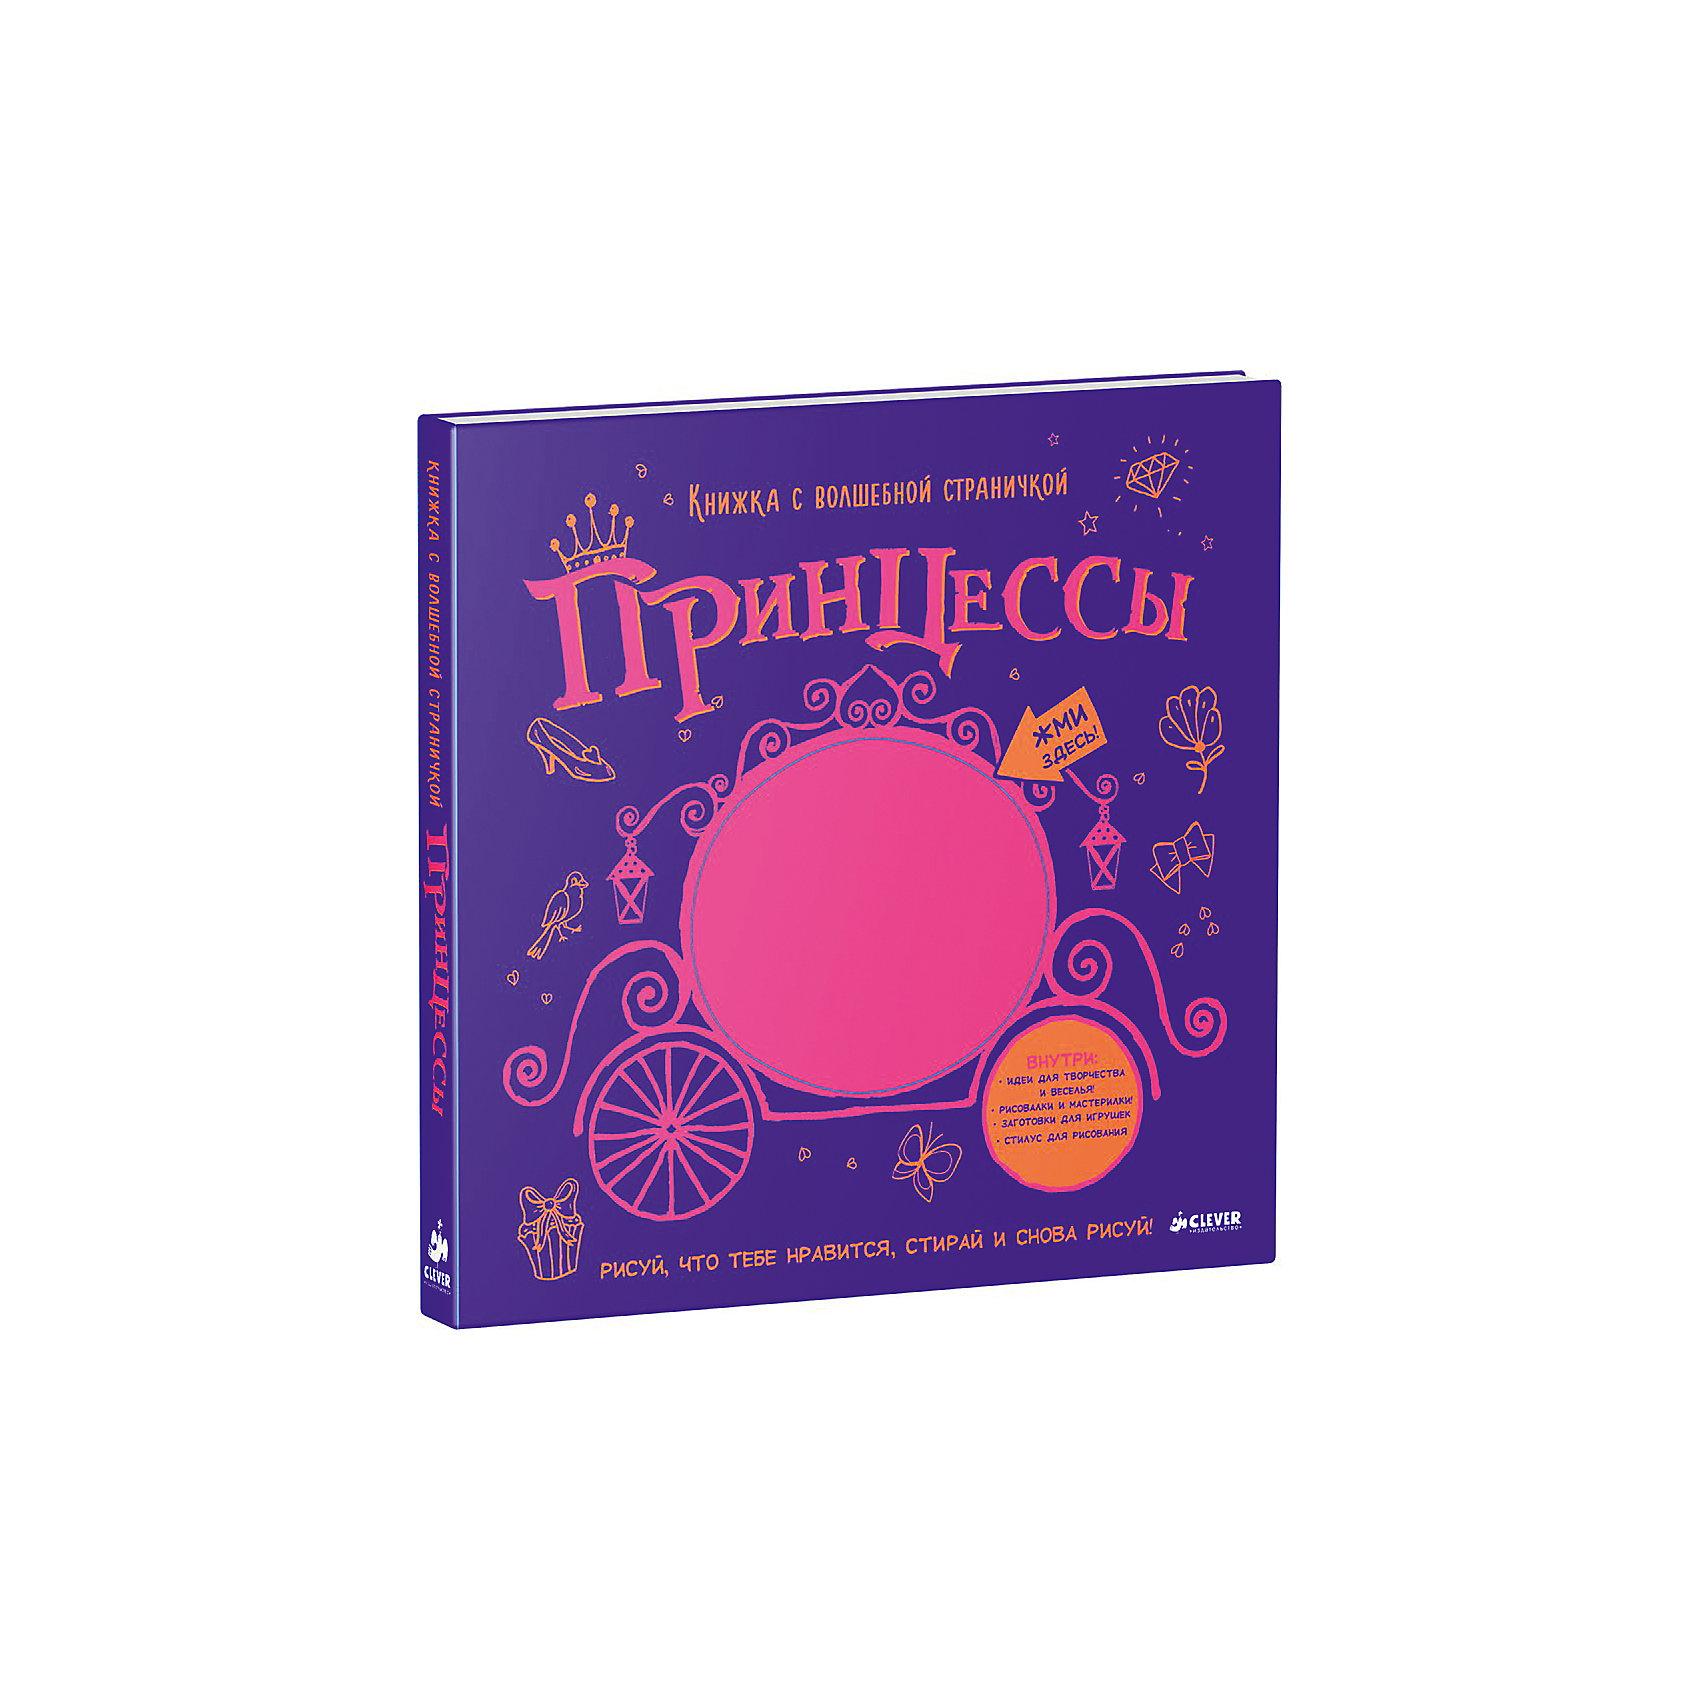 Книжка с волшебной страничкой Принцессы, А. СухельCLEVER (КЛЕВЕР)<br>Книжка с волшебной страничкой перенесет малыша в волшебный мир творчества и сказок! У книги есть специальная страничка, на которой можно рисовать неограниченное количество раз. В набор для творчества входит палочка для рисования, идеи для творчества и занимательные заготовки для игрушек. В каждой книжке есть увлекательные задания рисования и пошаговая инструкция для их выполнения. Книжка с волшебной страничкой Принцессы придется по вкусу маленьким девочкам. Набор развивает воображение, творческие способности, прививает аккуратность и любовь к рисованию. <br><br>Дополнительная информация:<br><br>формат: 21 х 24 см;<br>возраст: 0+.<br><br>Книжку с волшебной страничкой Принцессы, А. Сухель можно приобрести в нашем магазине.<br><br>Ширина мм: 284<br>Глубина мм: 262<br>Высота мм: 10<br>Вес г: 778<br>Возраст от месяцев: 48<br>Возраст до месяцев: 72<br>Пол: Унисекс<br>Возраст: Детский<br>SKU: 4976115